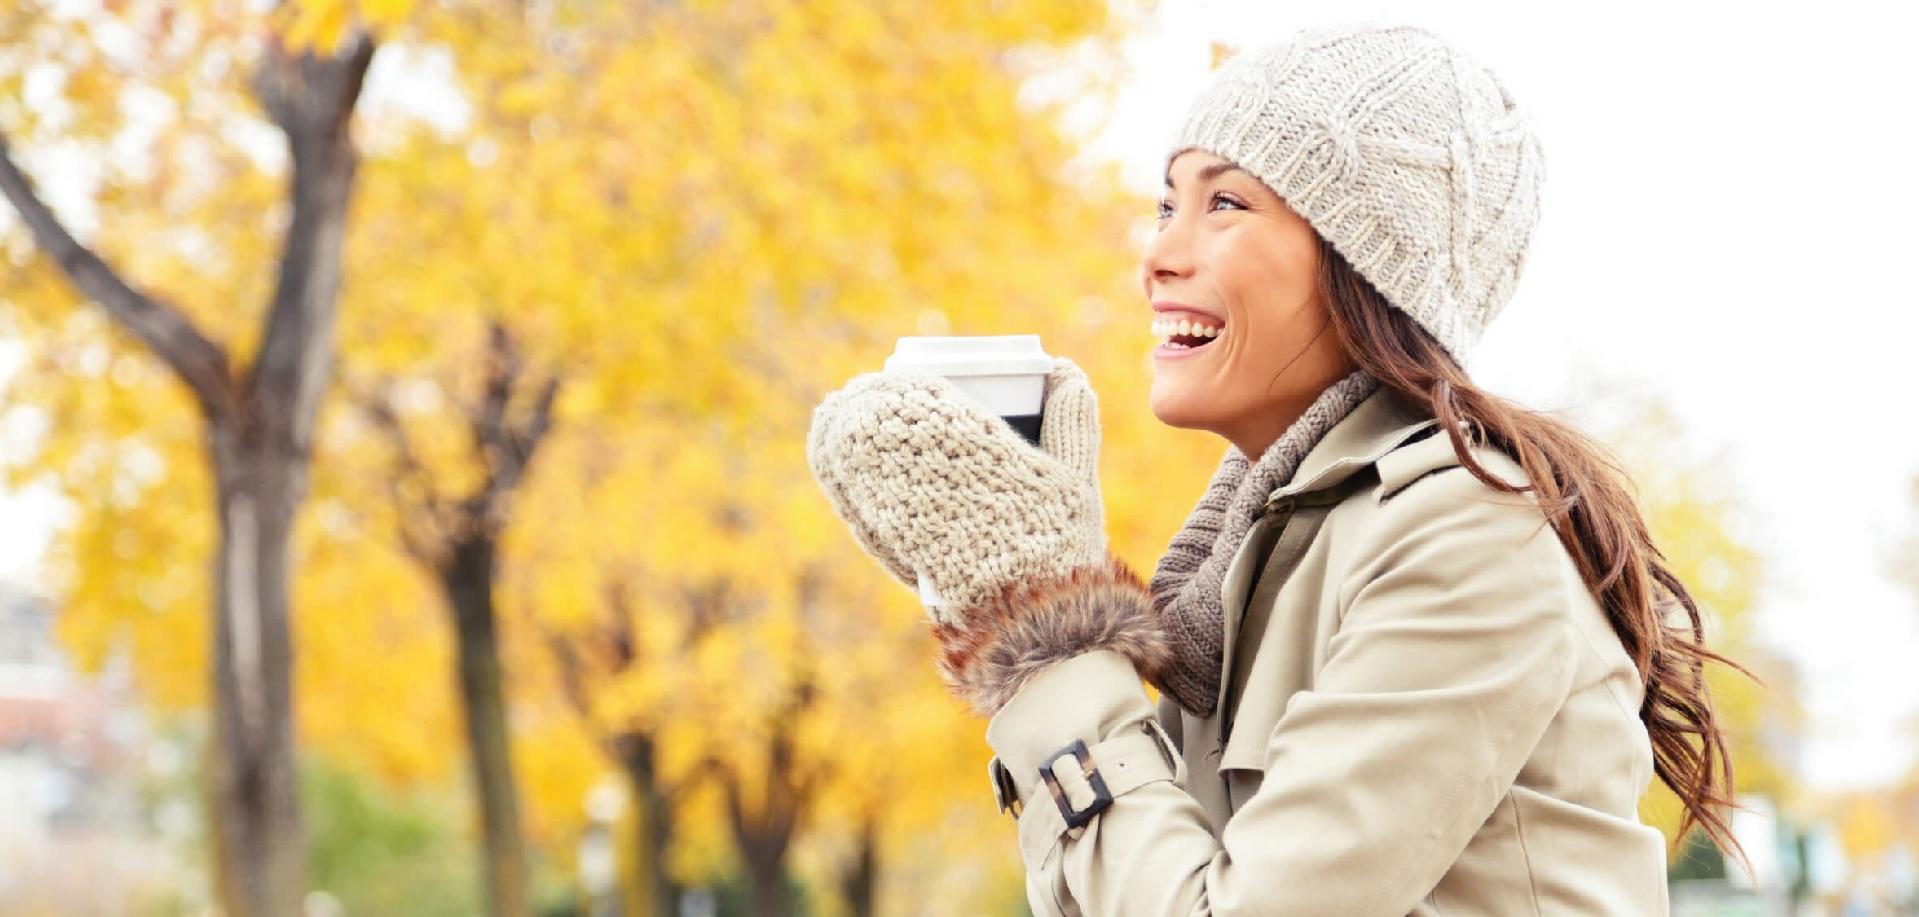 Comment renforcer ses défenses immunitaires en hiver